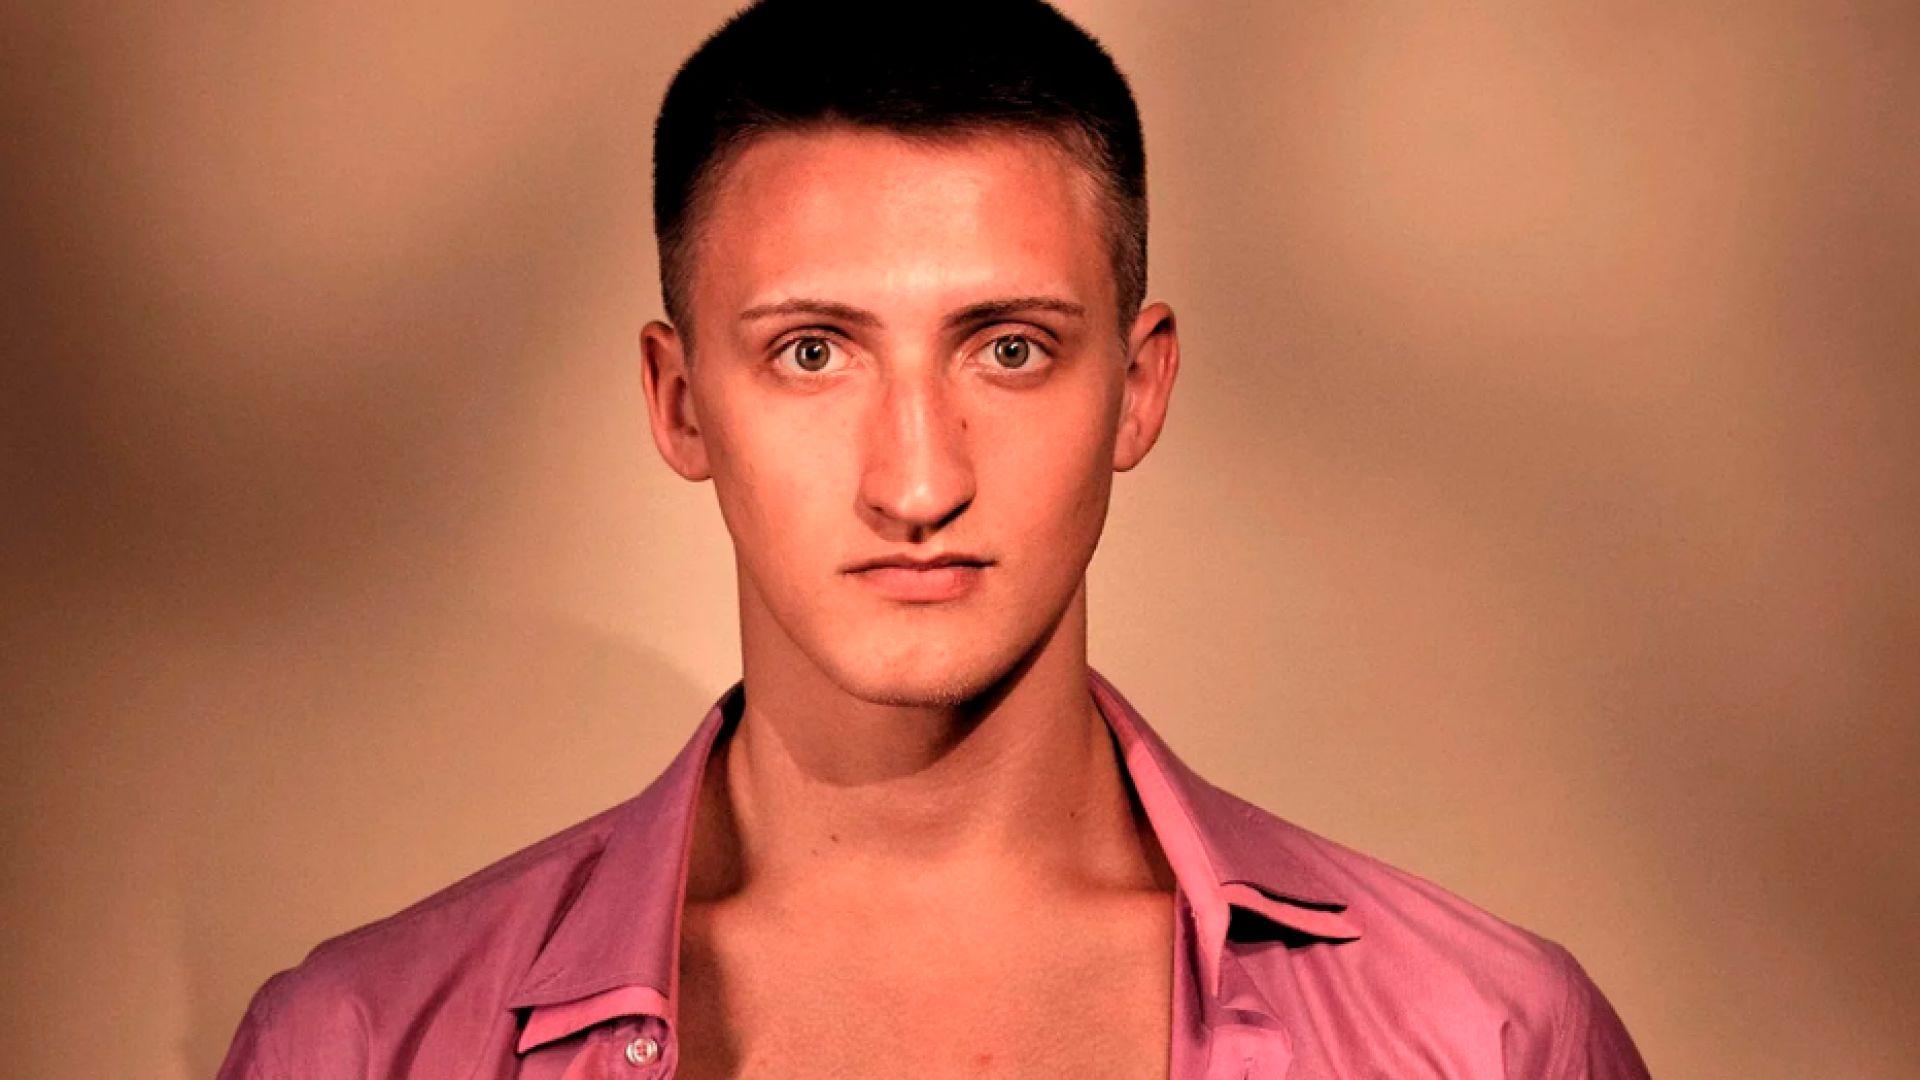 Руски съд освободи от ареста младия актьор, осъден на затвор след протест